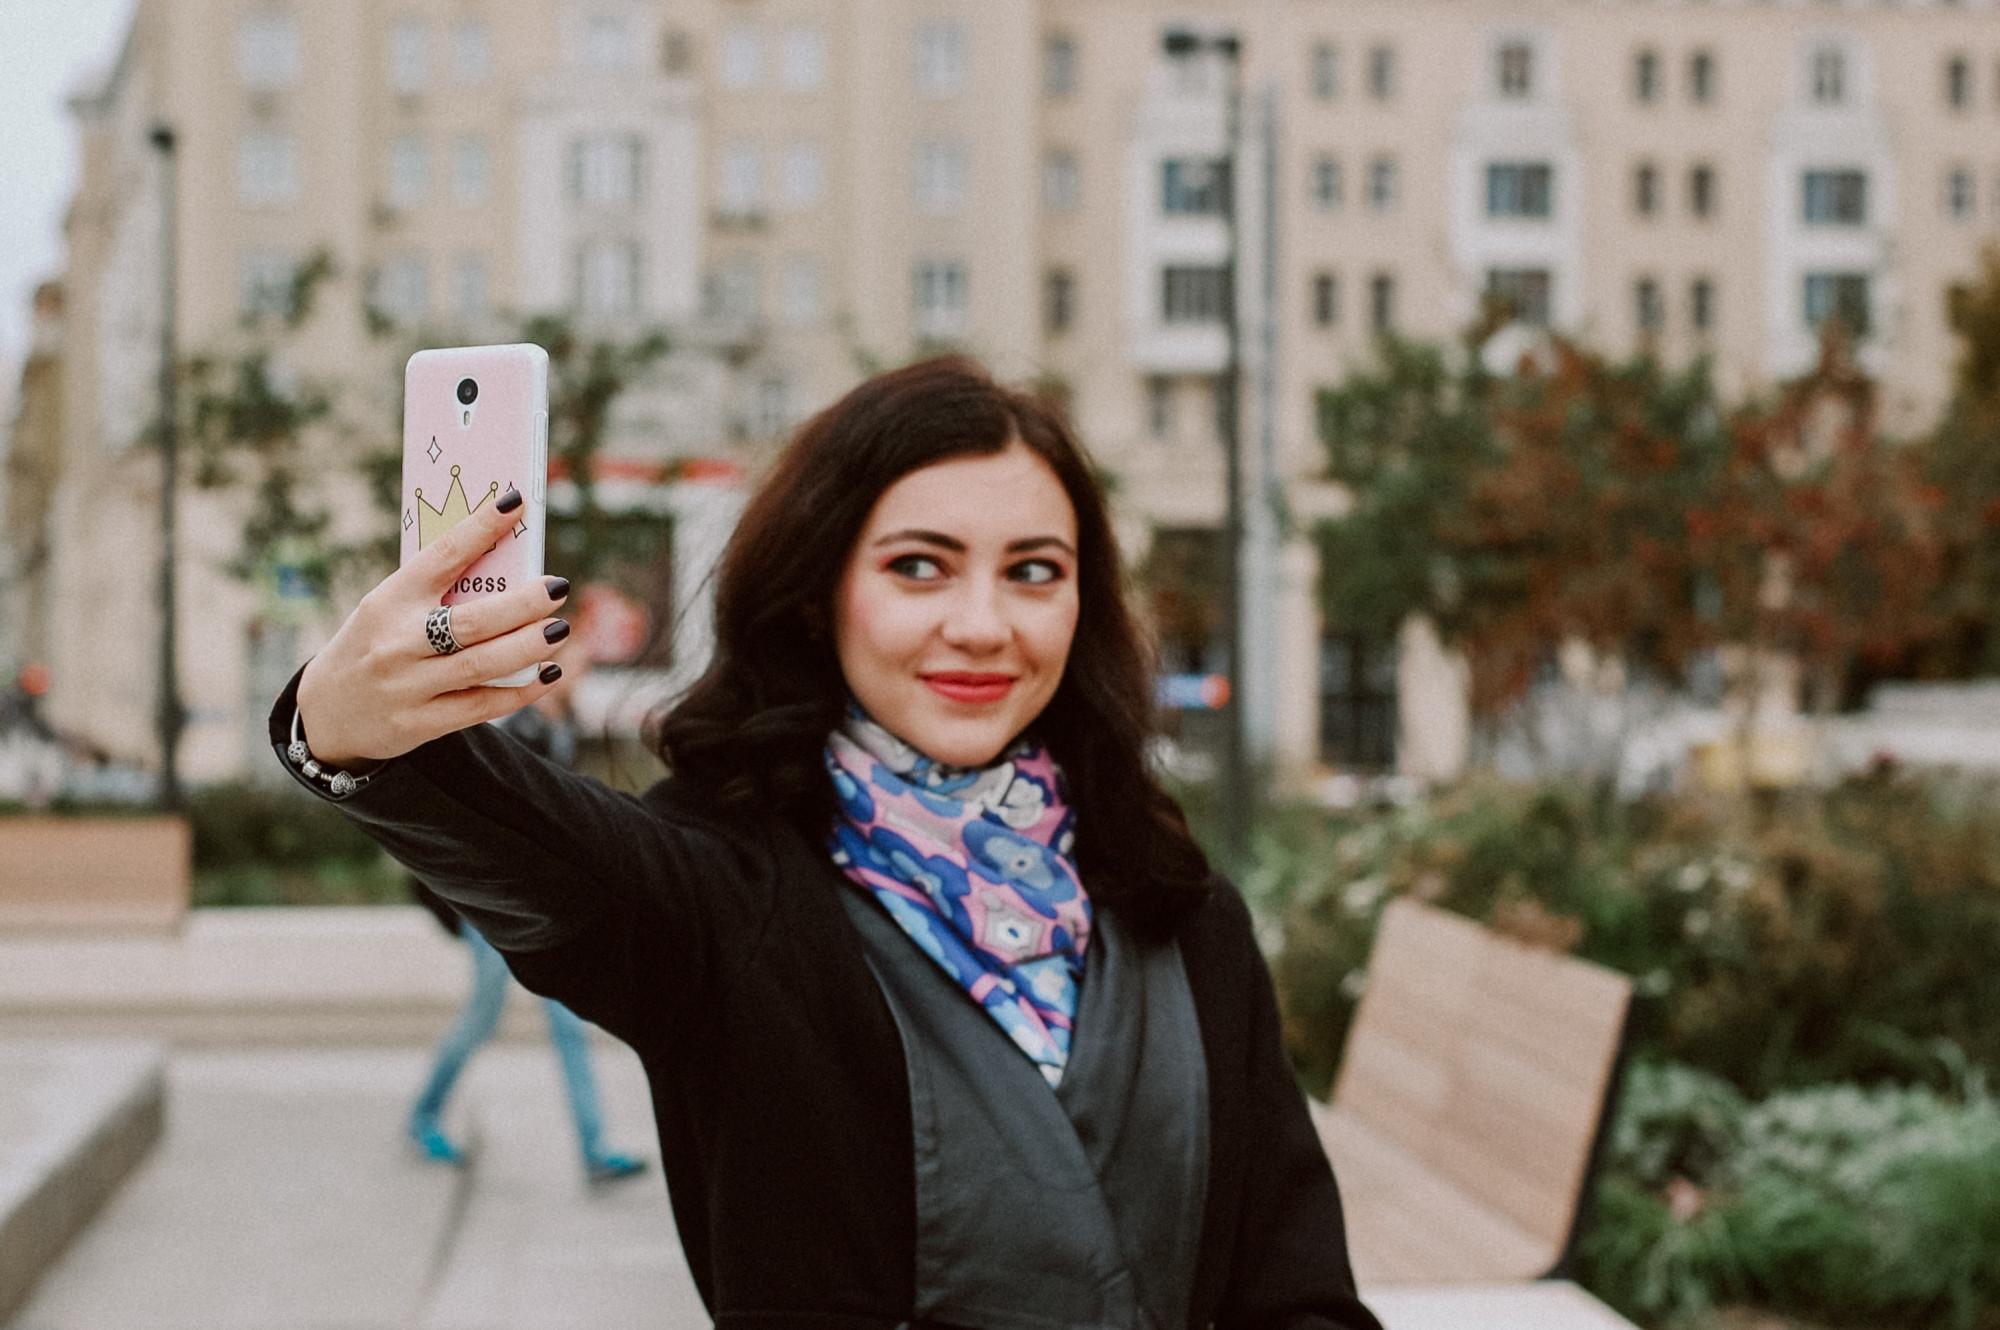 mujer-selfie